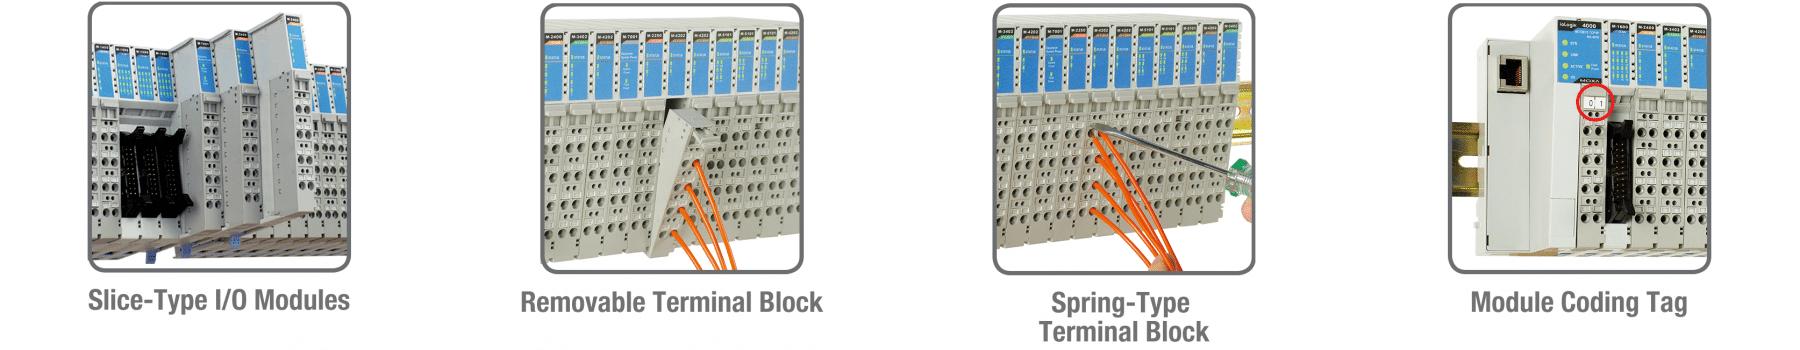 maintenance facile du système ES modulaire de la série ioLogik 4000 de Moxa